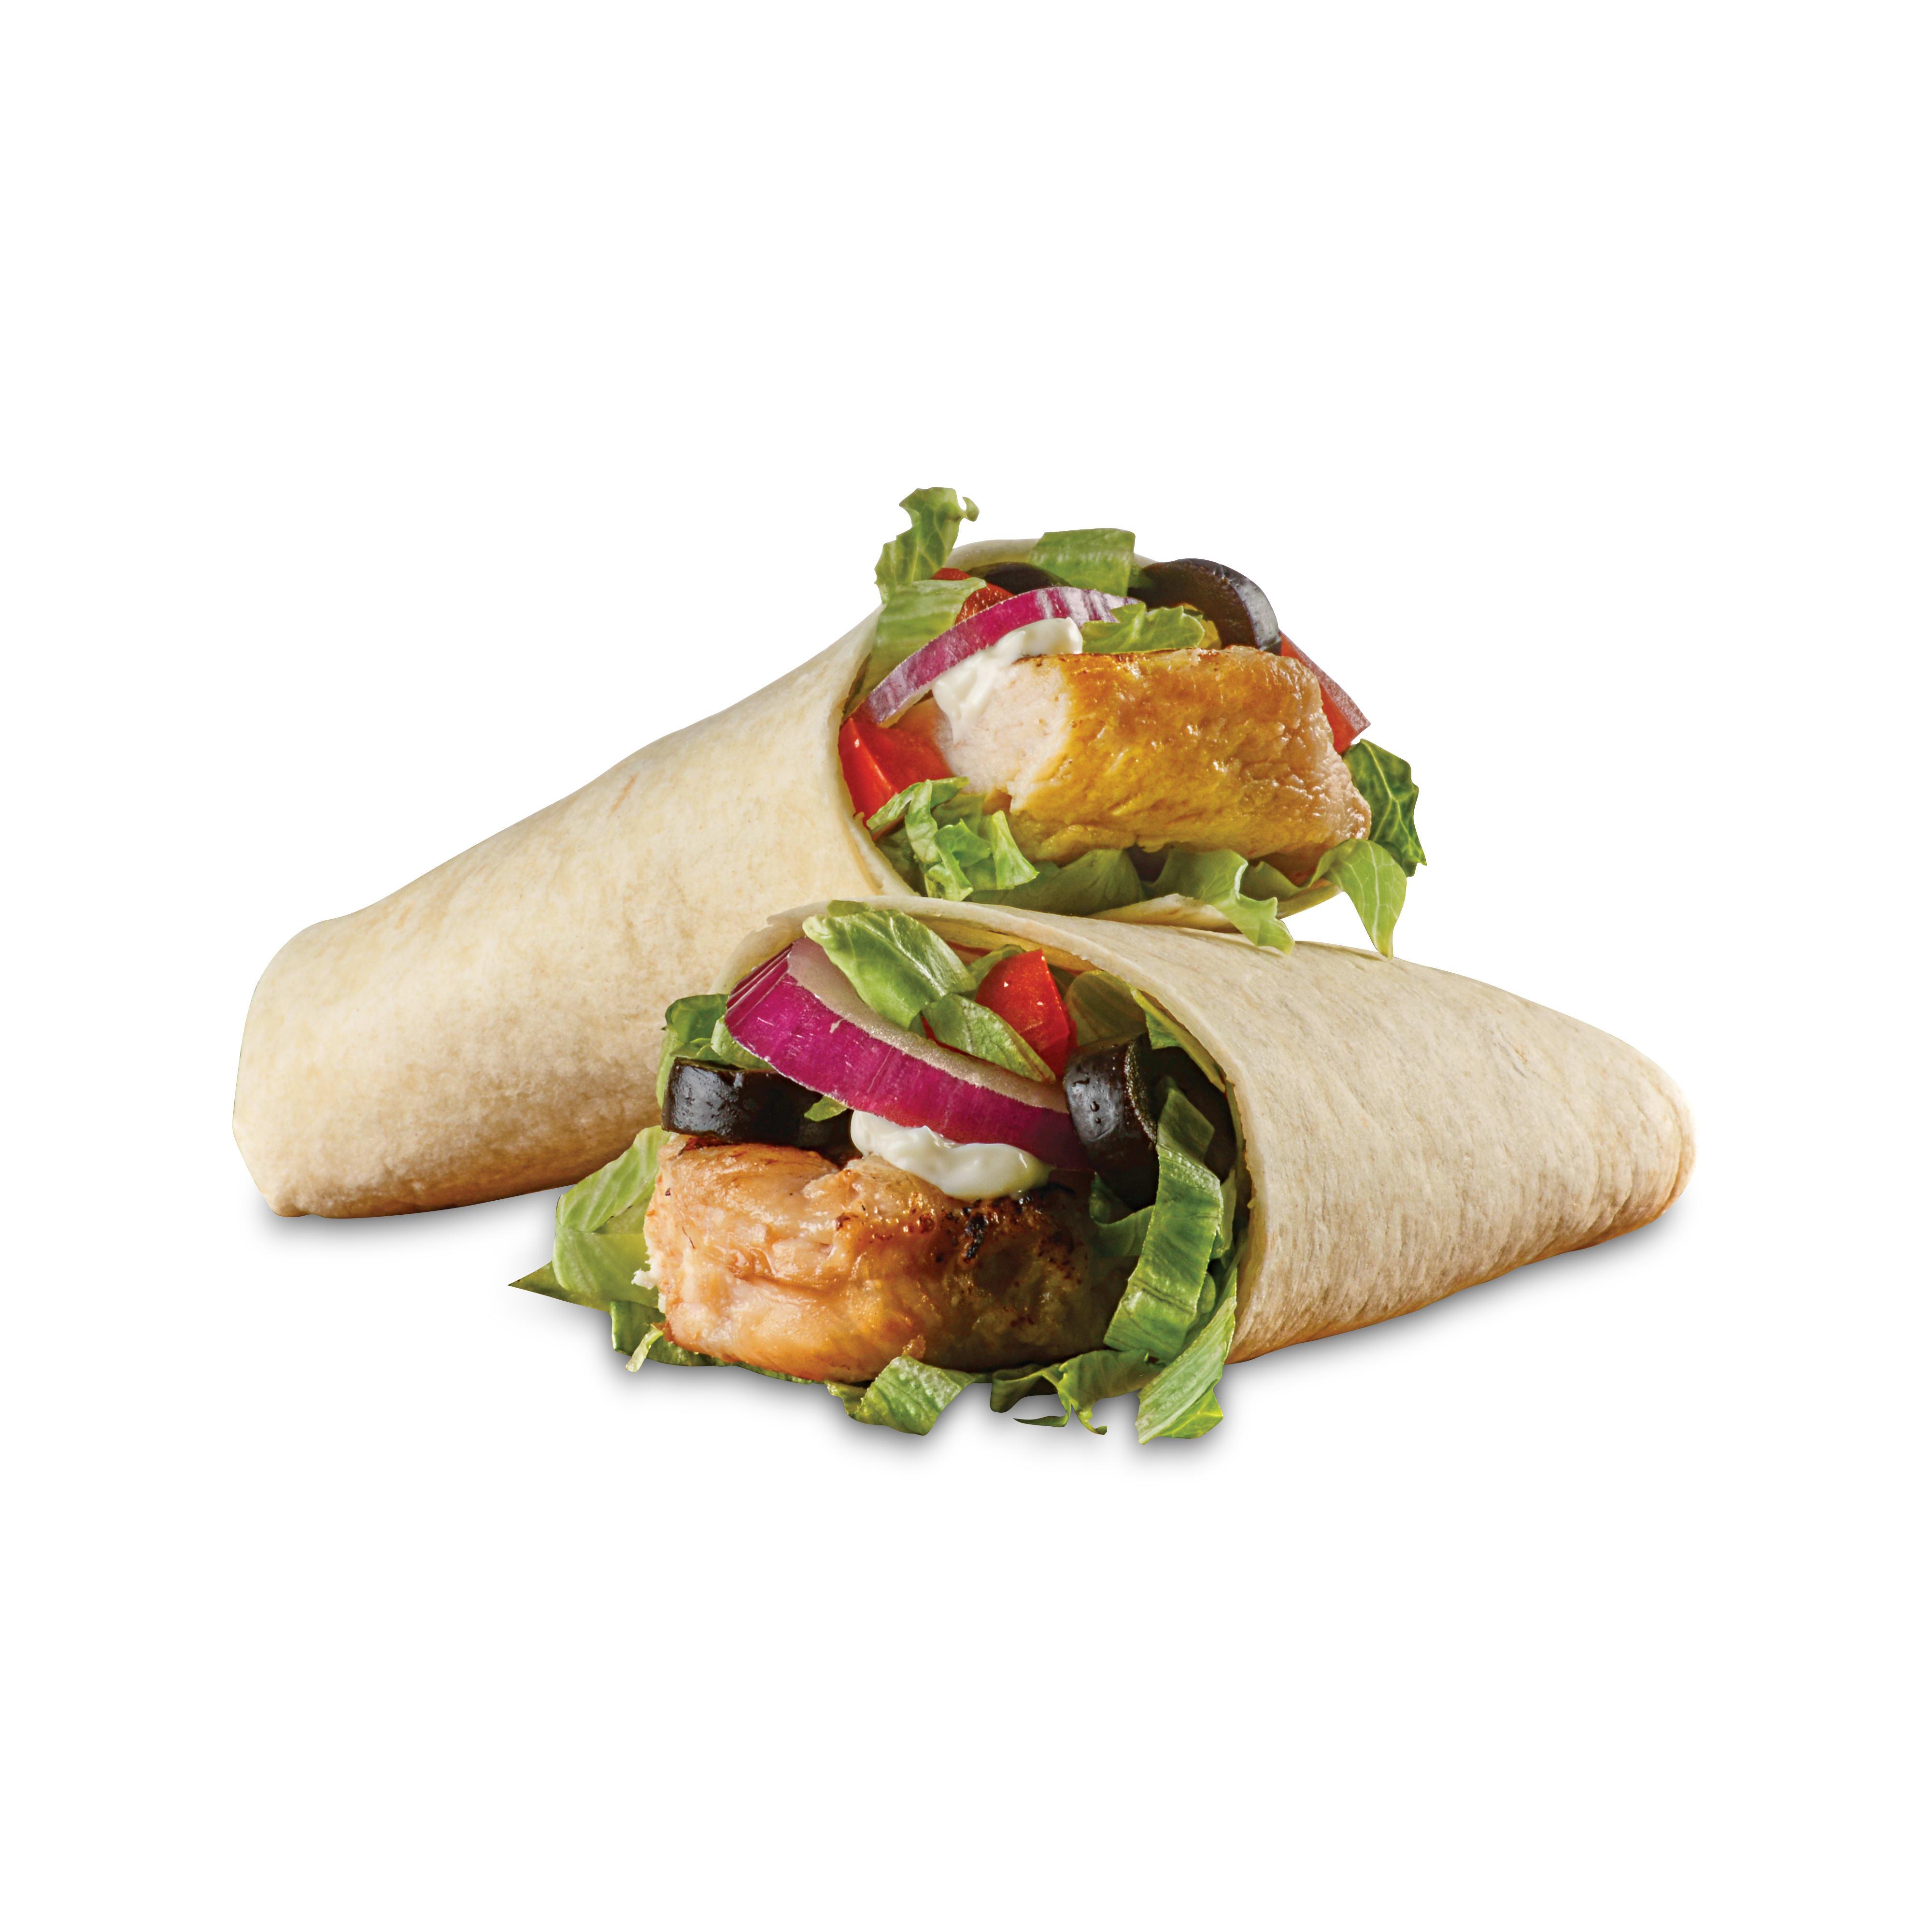 Grilled Chicken Shnack Wraps